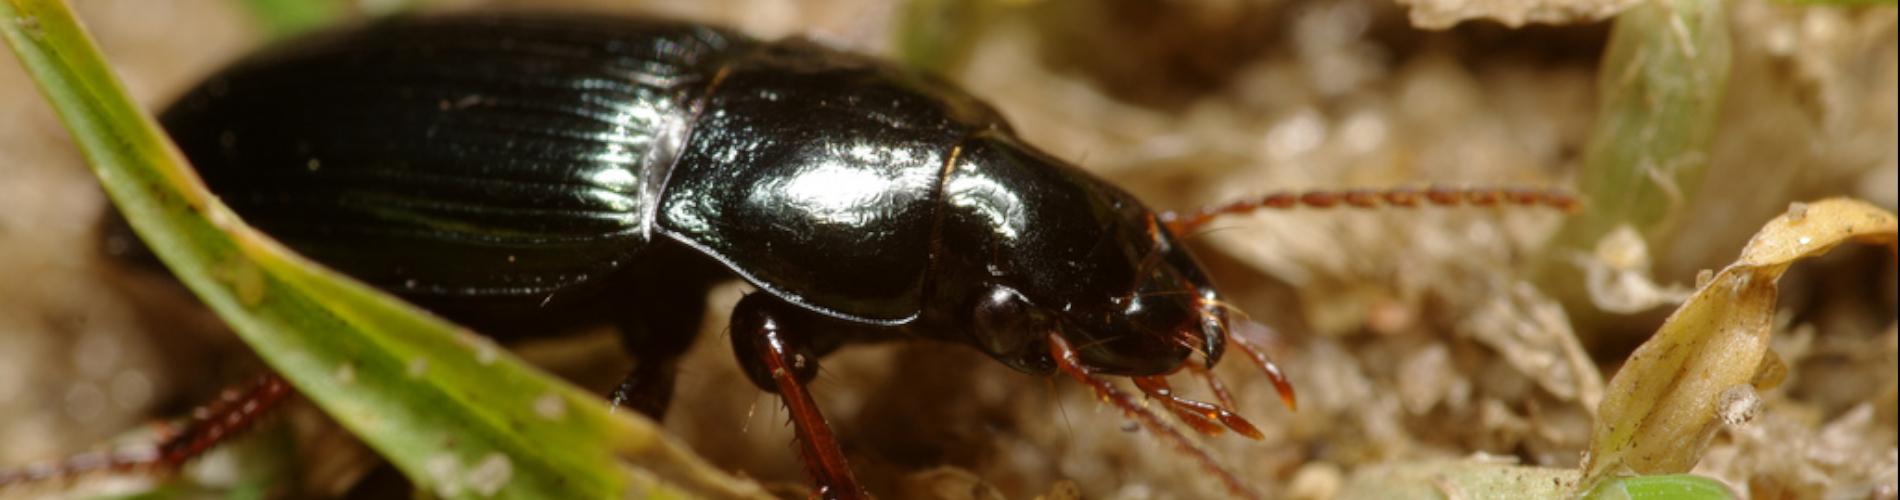 Czarne chrząszcze, szkodniki upraw - dzier włochaty